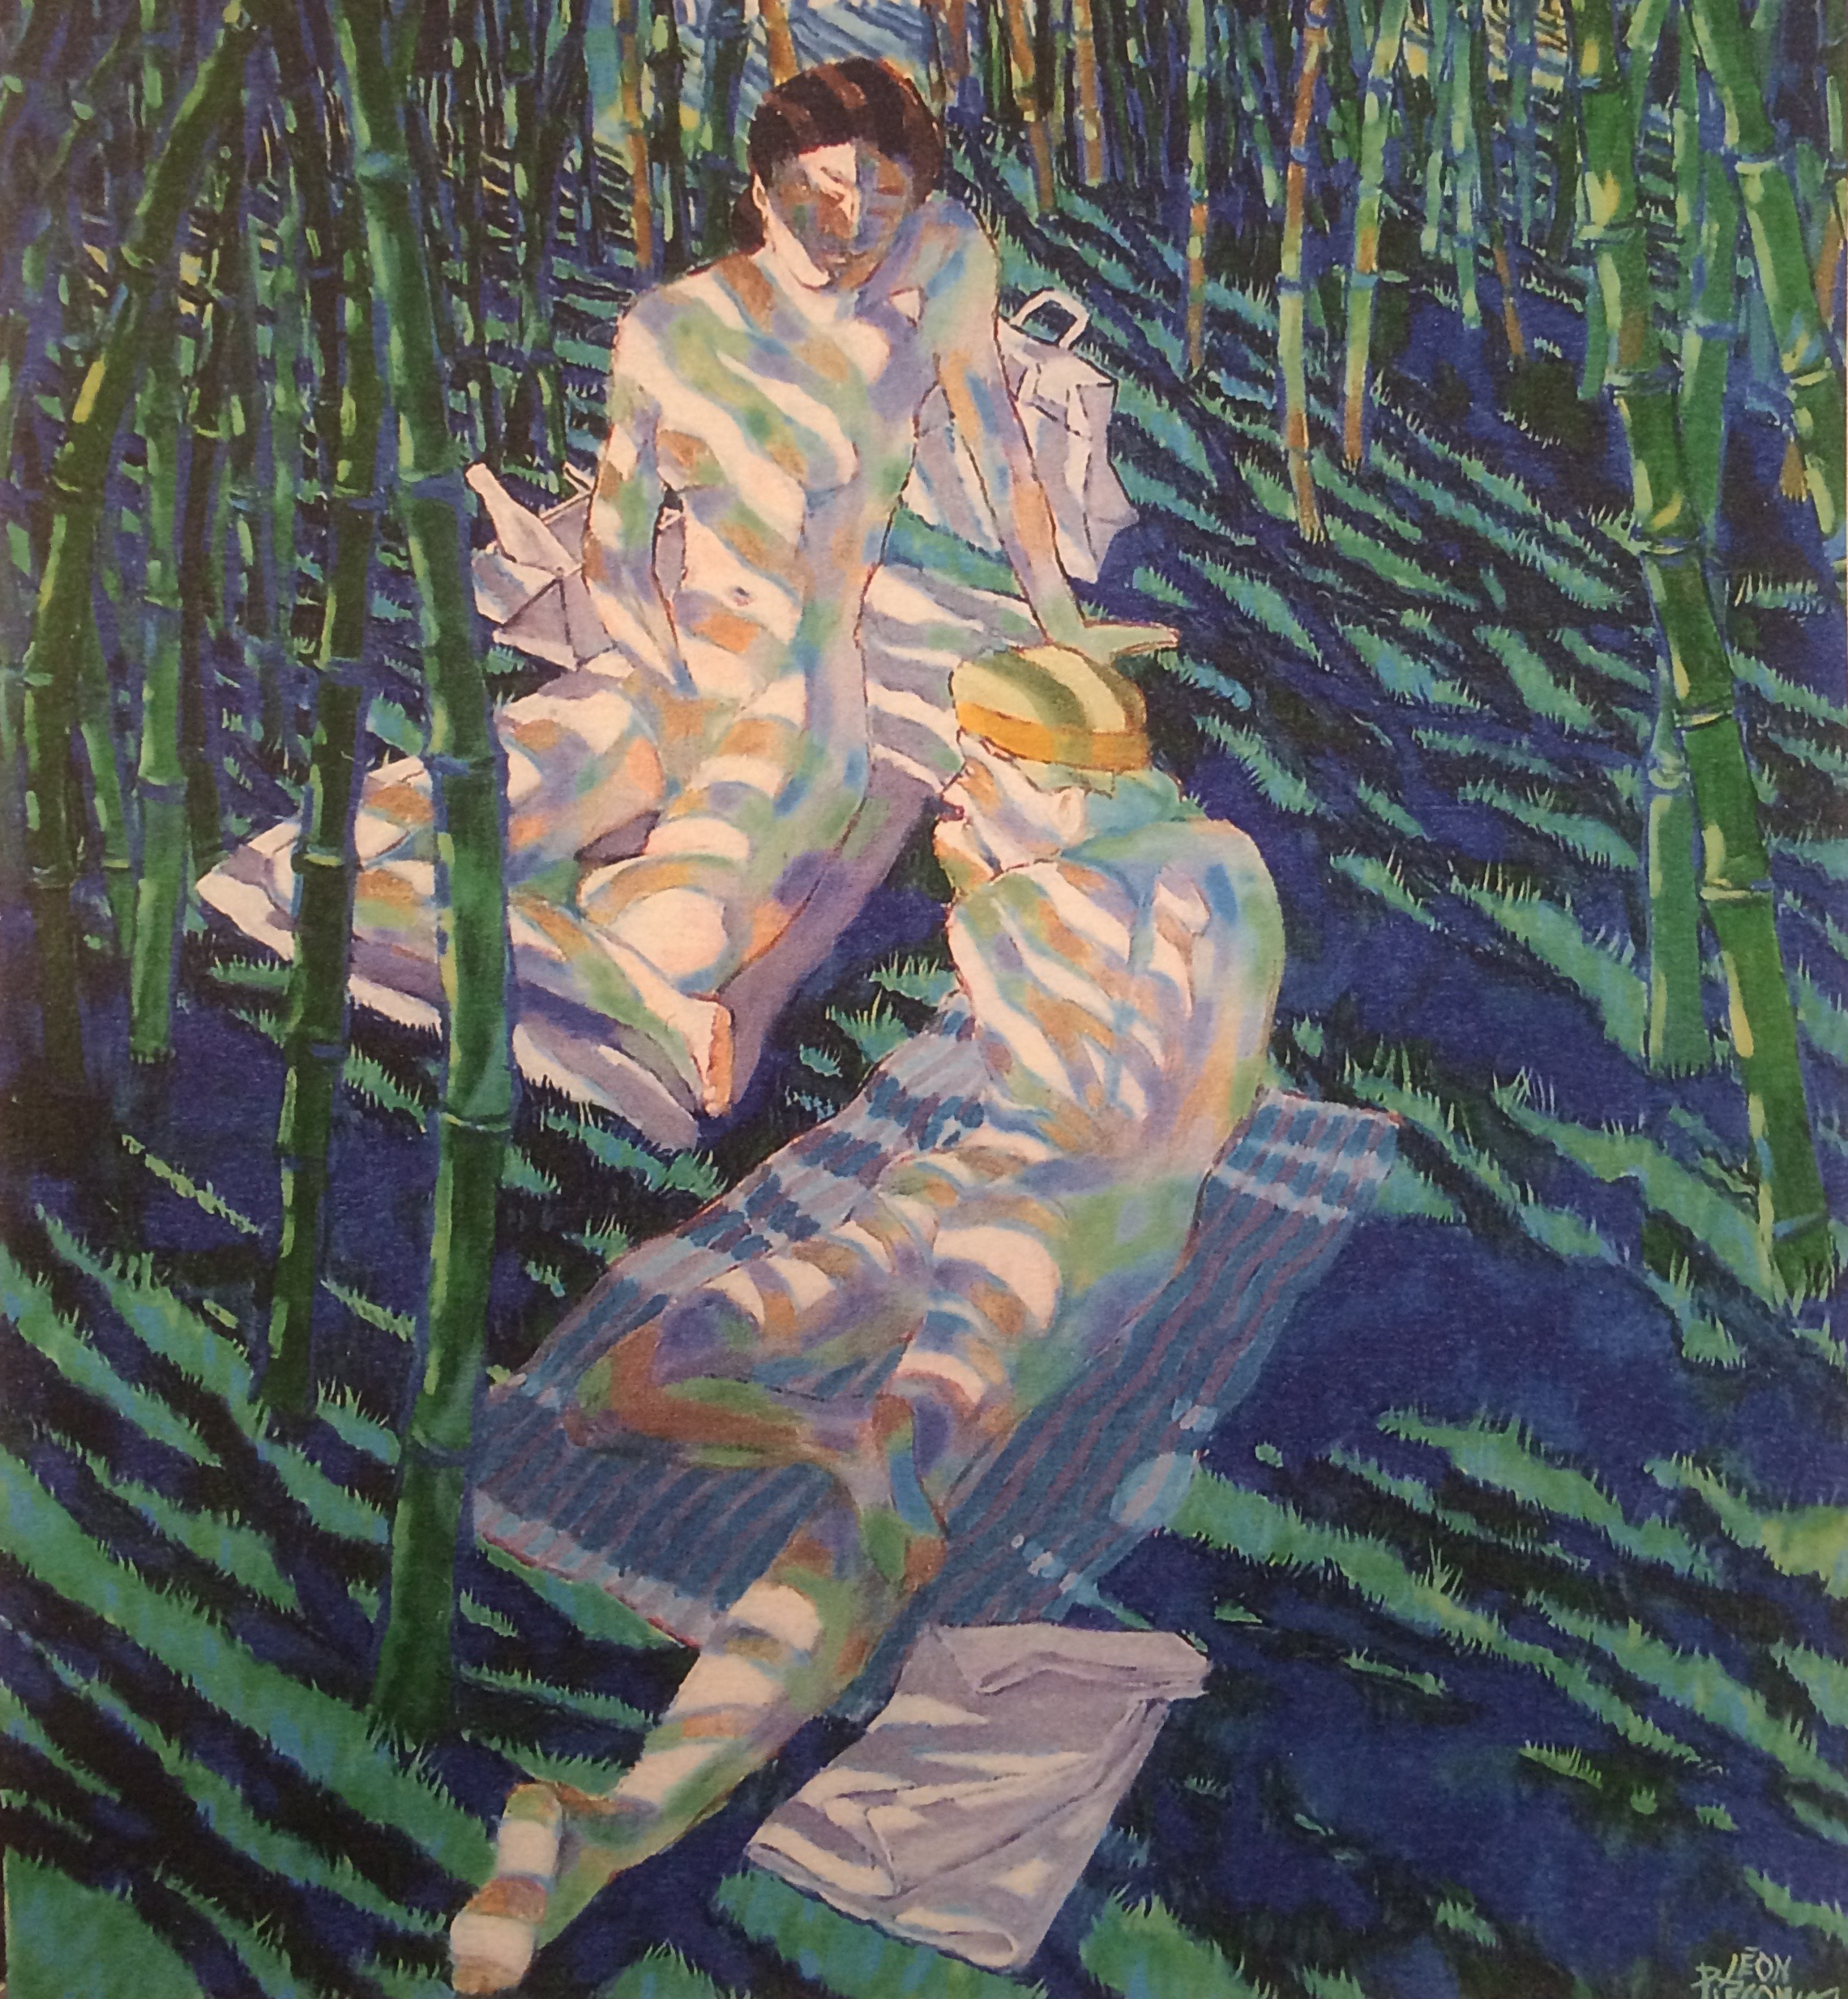 Deux filles dans une foret de bambou